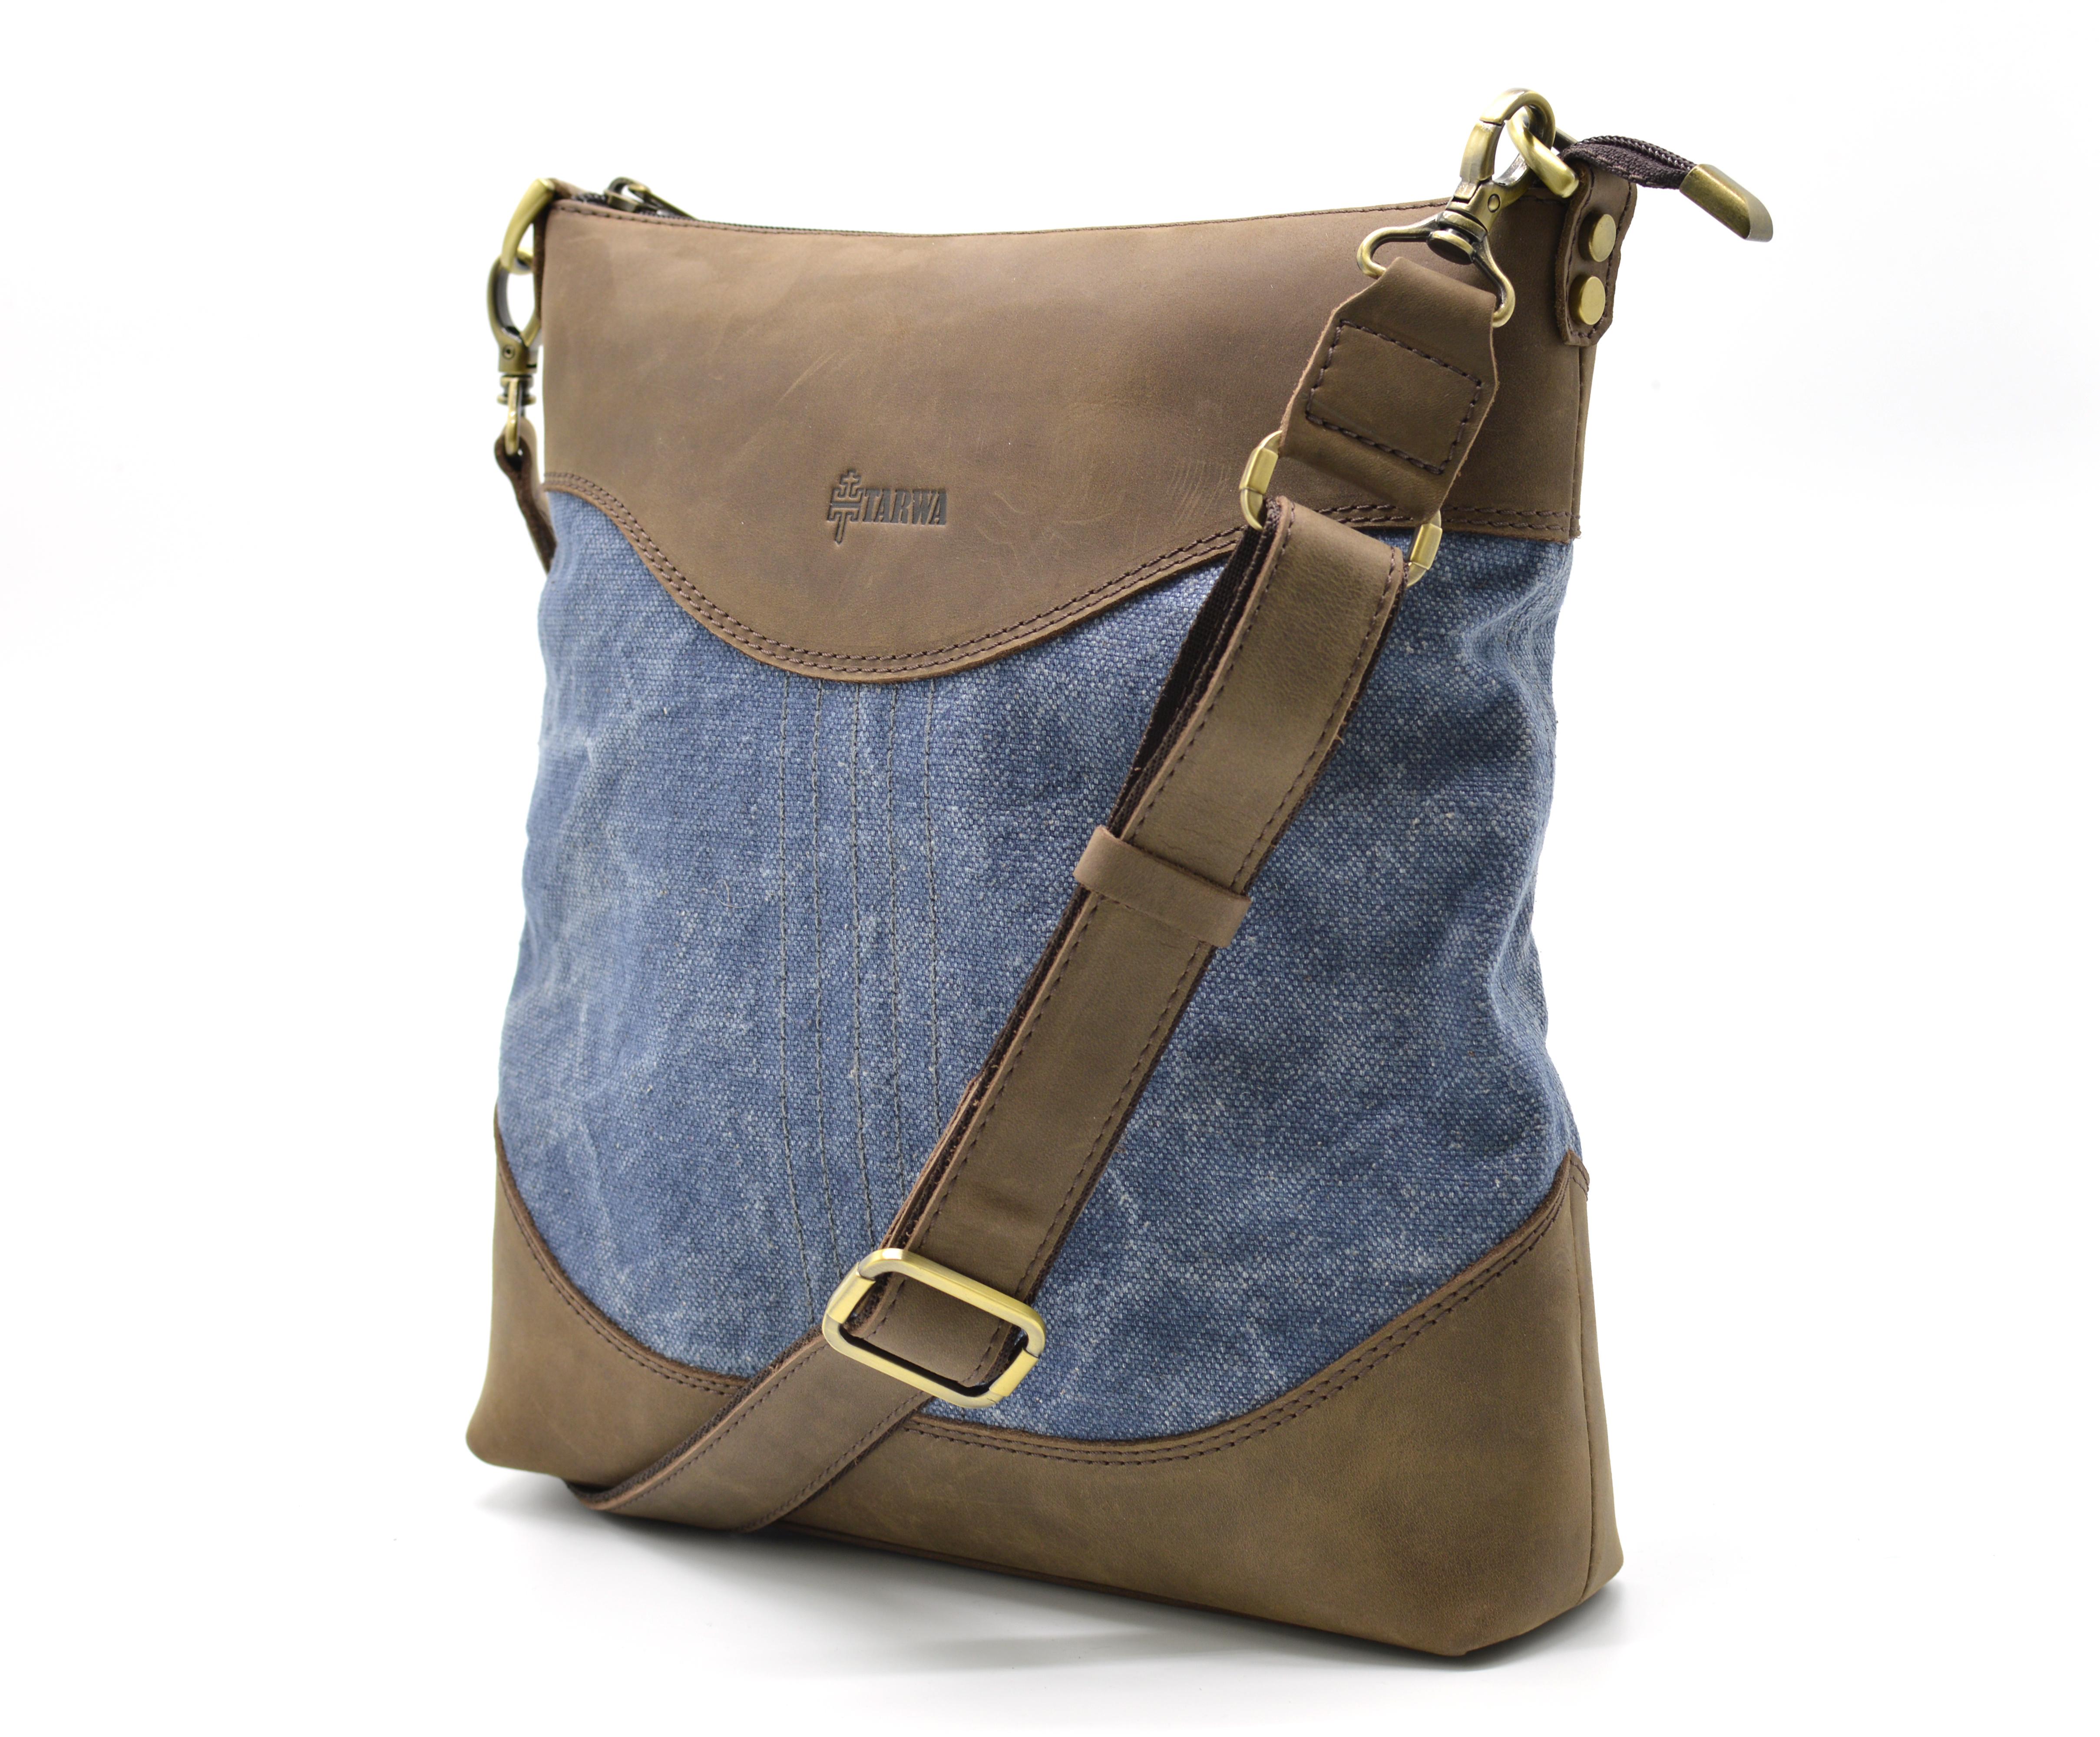 997fc28400c7 Мы отшили новую коллекцию сумок через плечо, немного не успели до августа  :), но тем не менее, бренд TARWA безудержно бежит вперед, как паравоз.